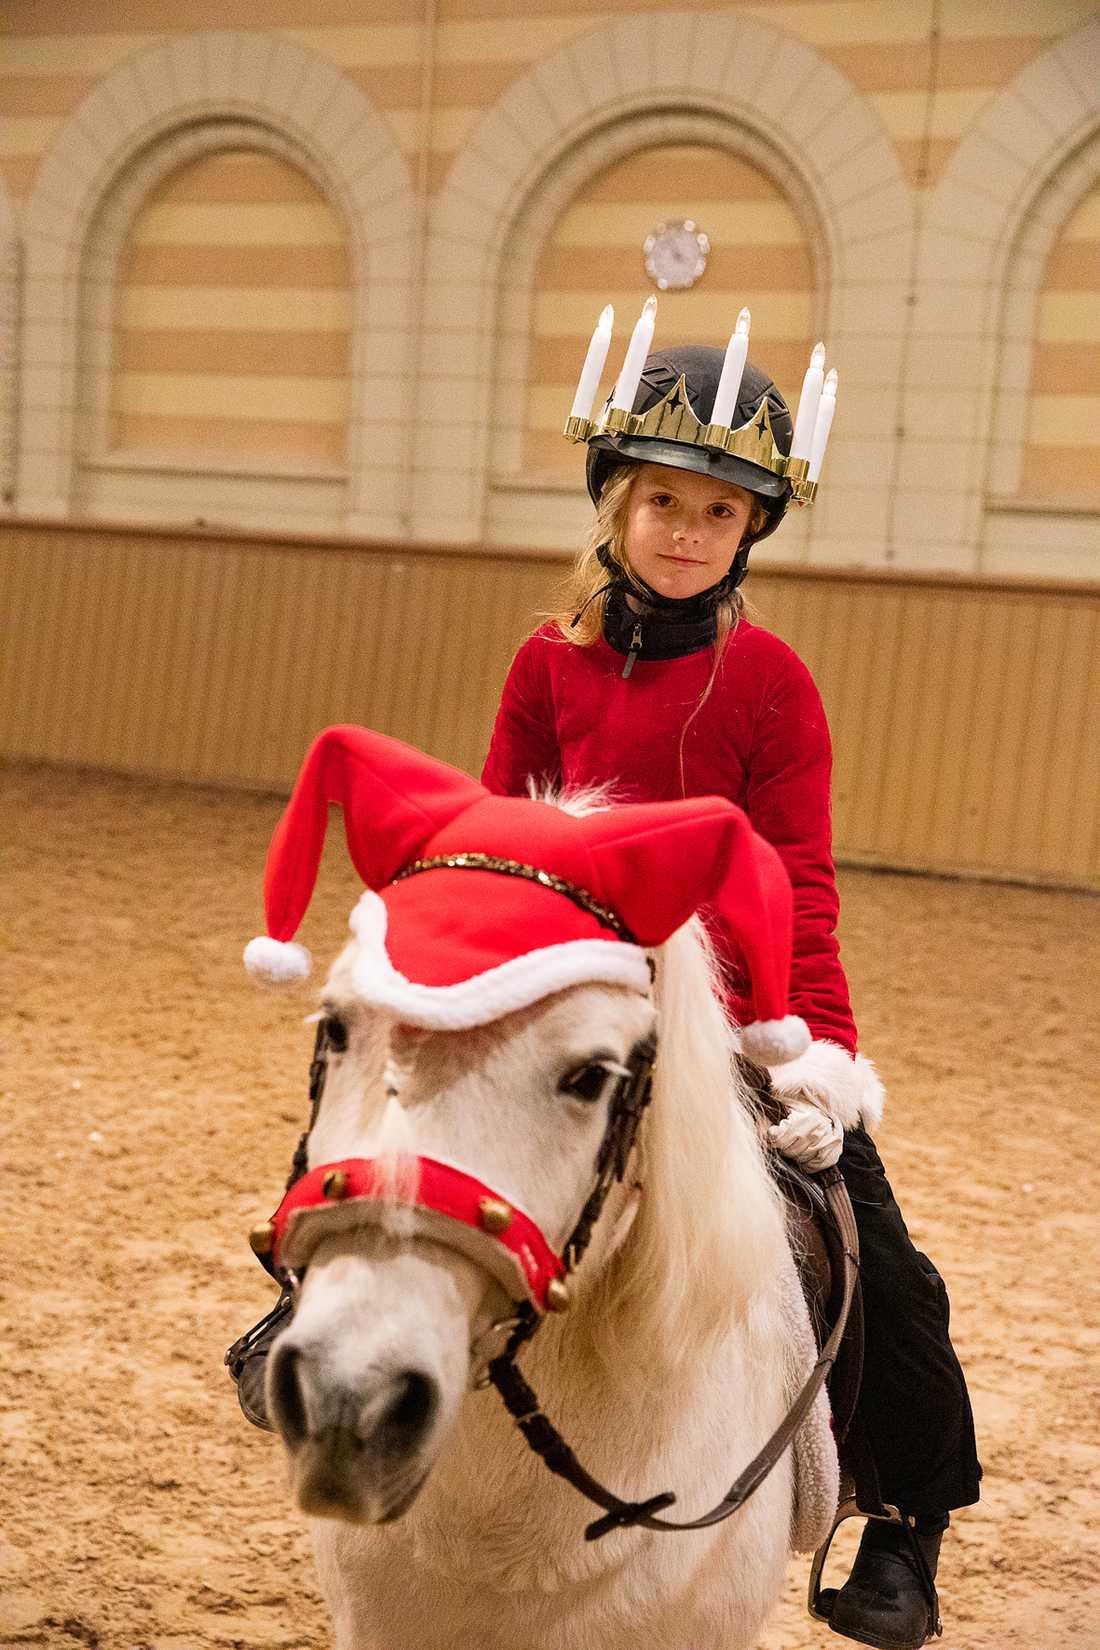 Även den vita ponnyn som prinsessan Estelle rider har fått en egen tomteluva.